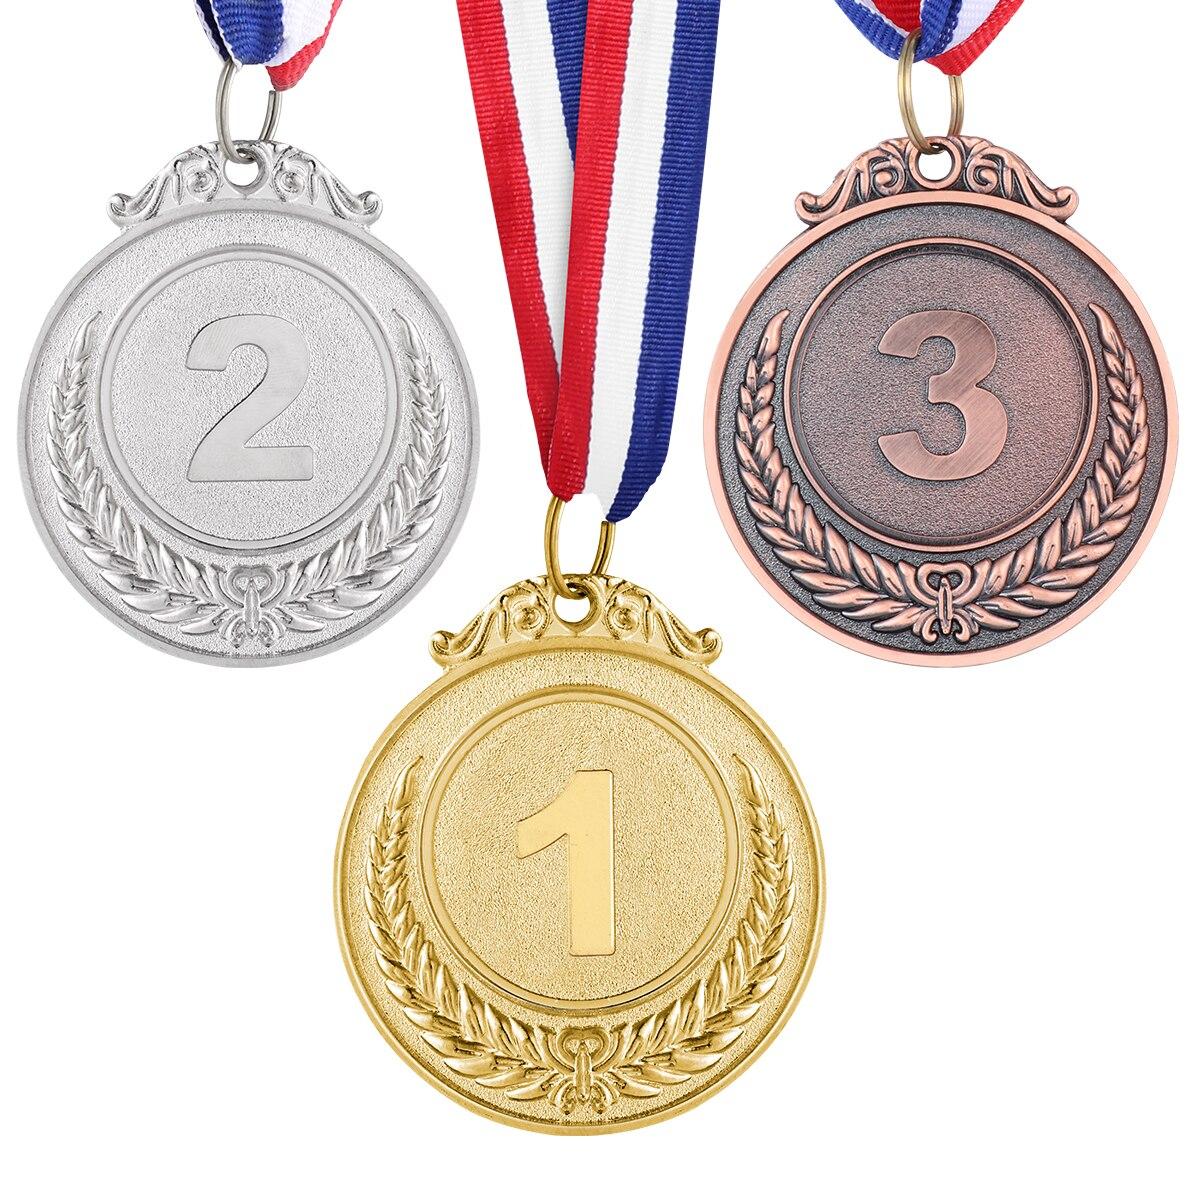 Medallas de Ganador de Metal en Estilo Ol/ímpico de Color de Oro Plata Bronce para Juego y Fiesta 15